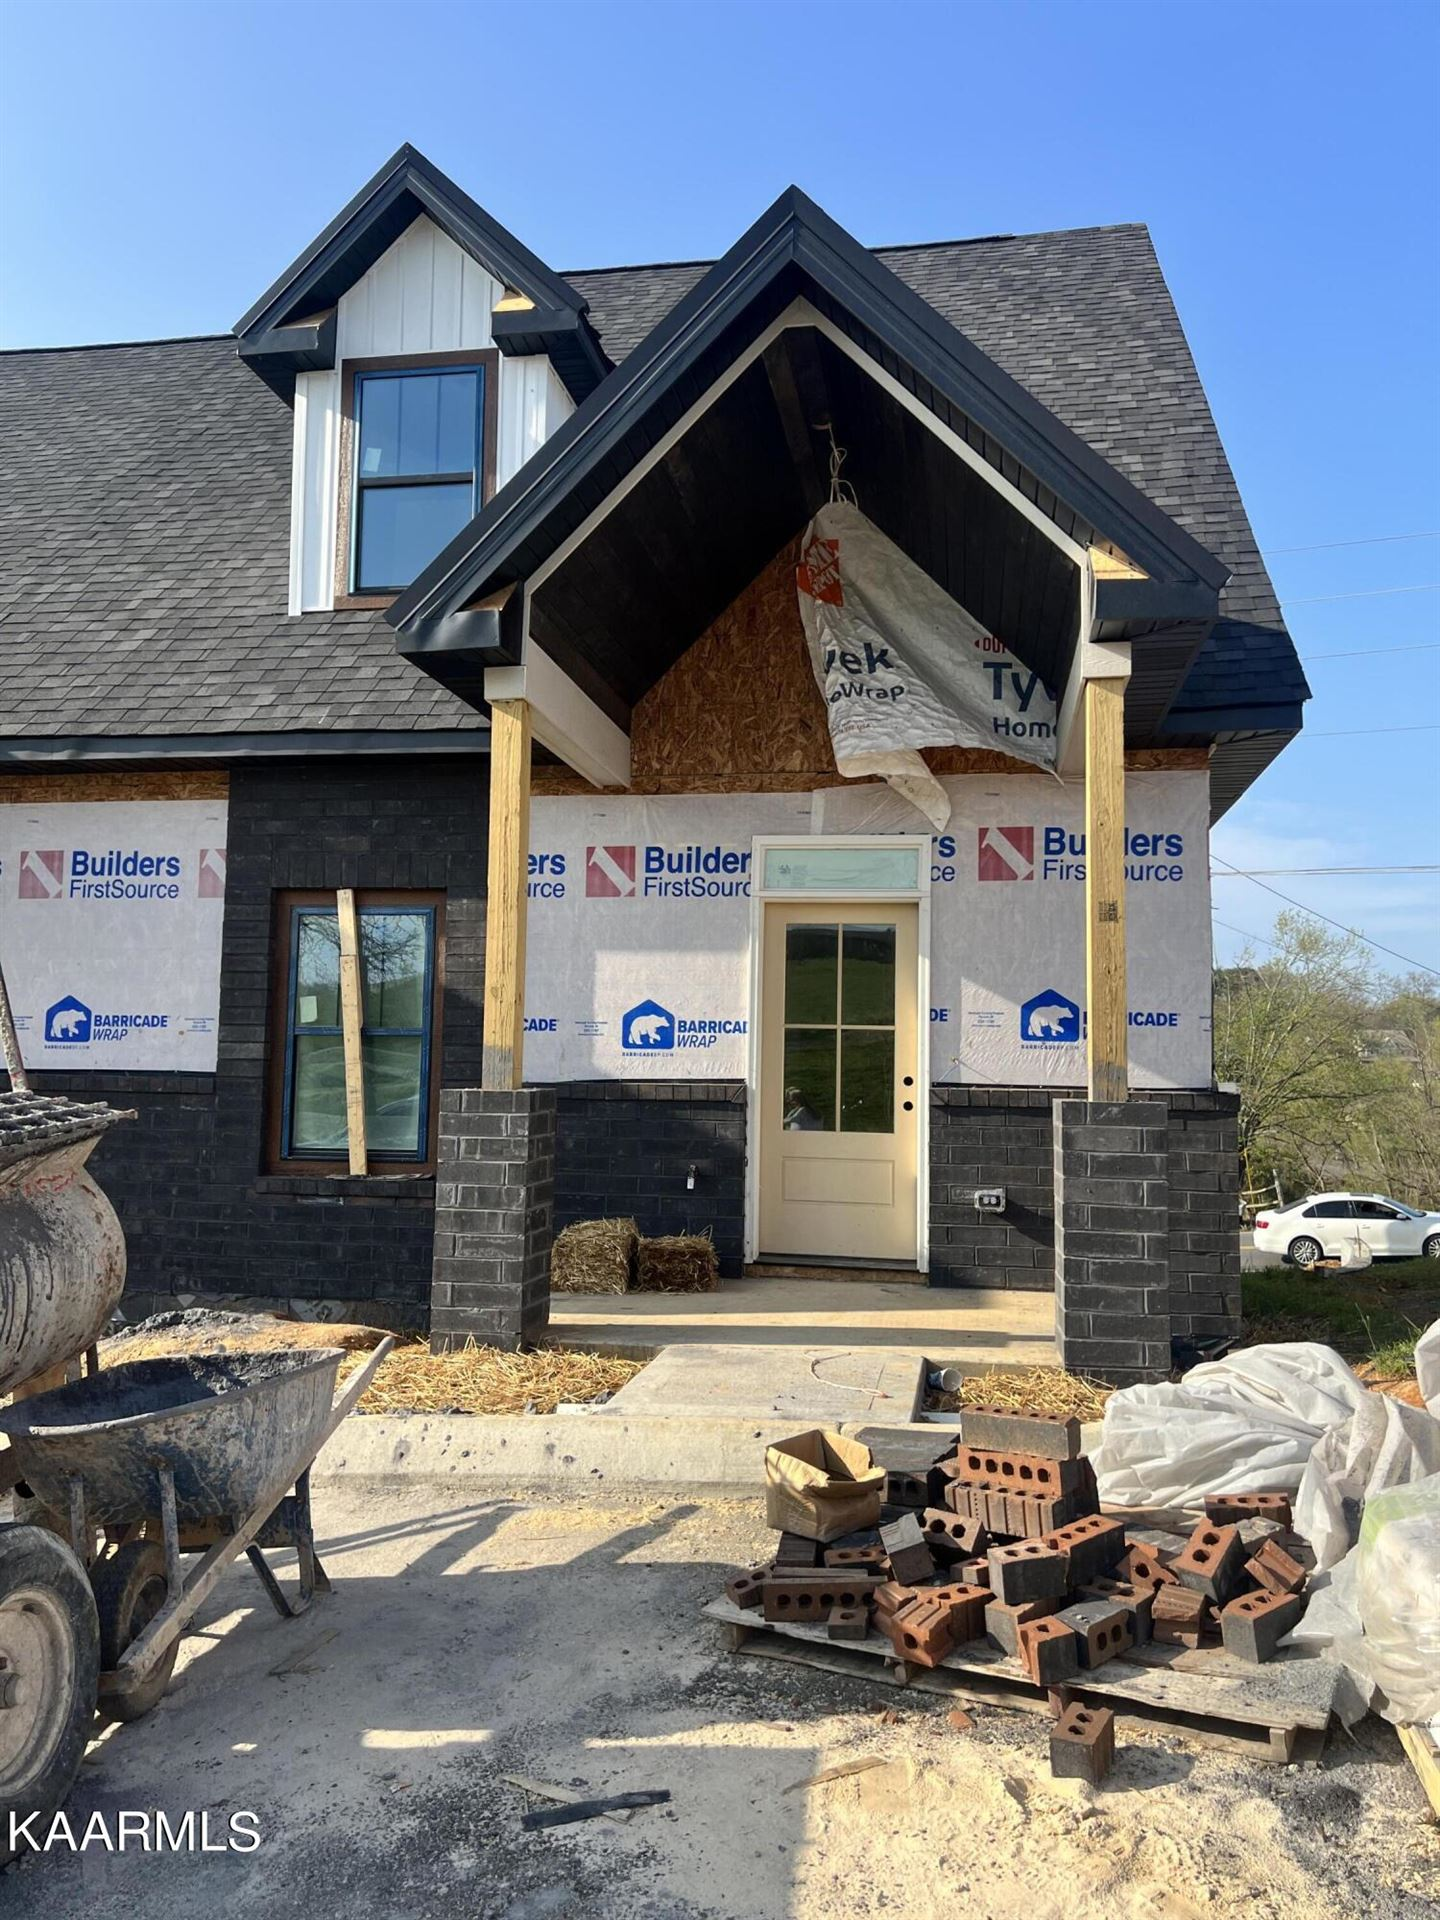 Photo of 440 Fleeta Williams Way #7, Sevierville, TN 37862 (MLS # 1170419)